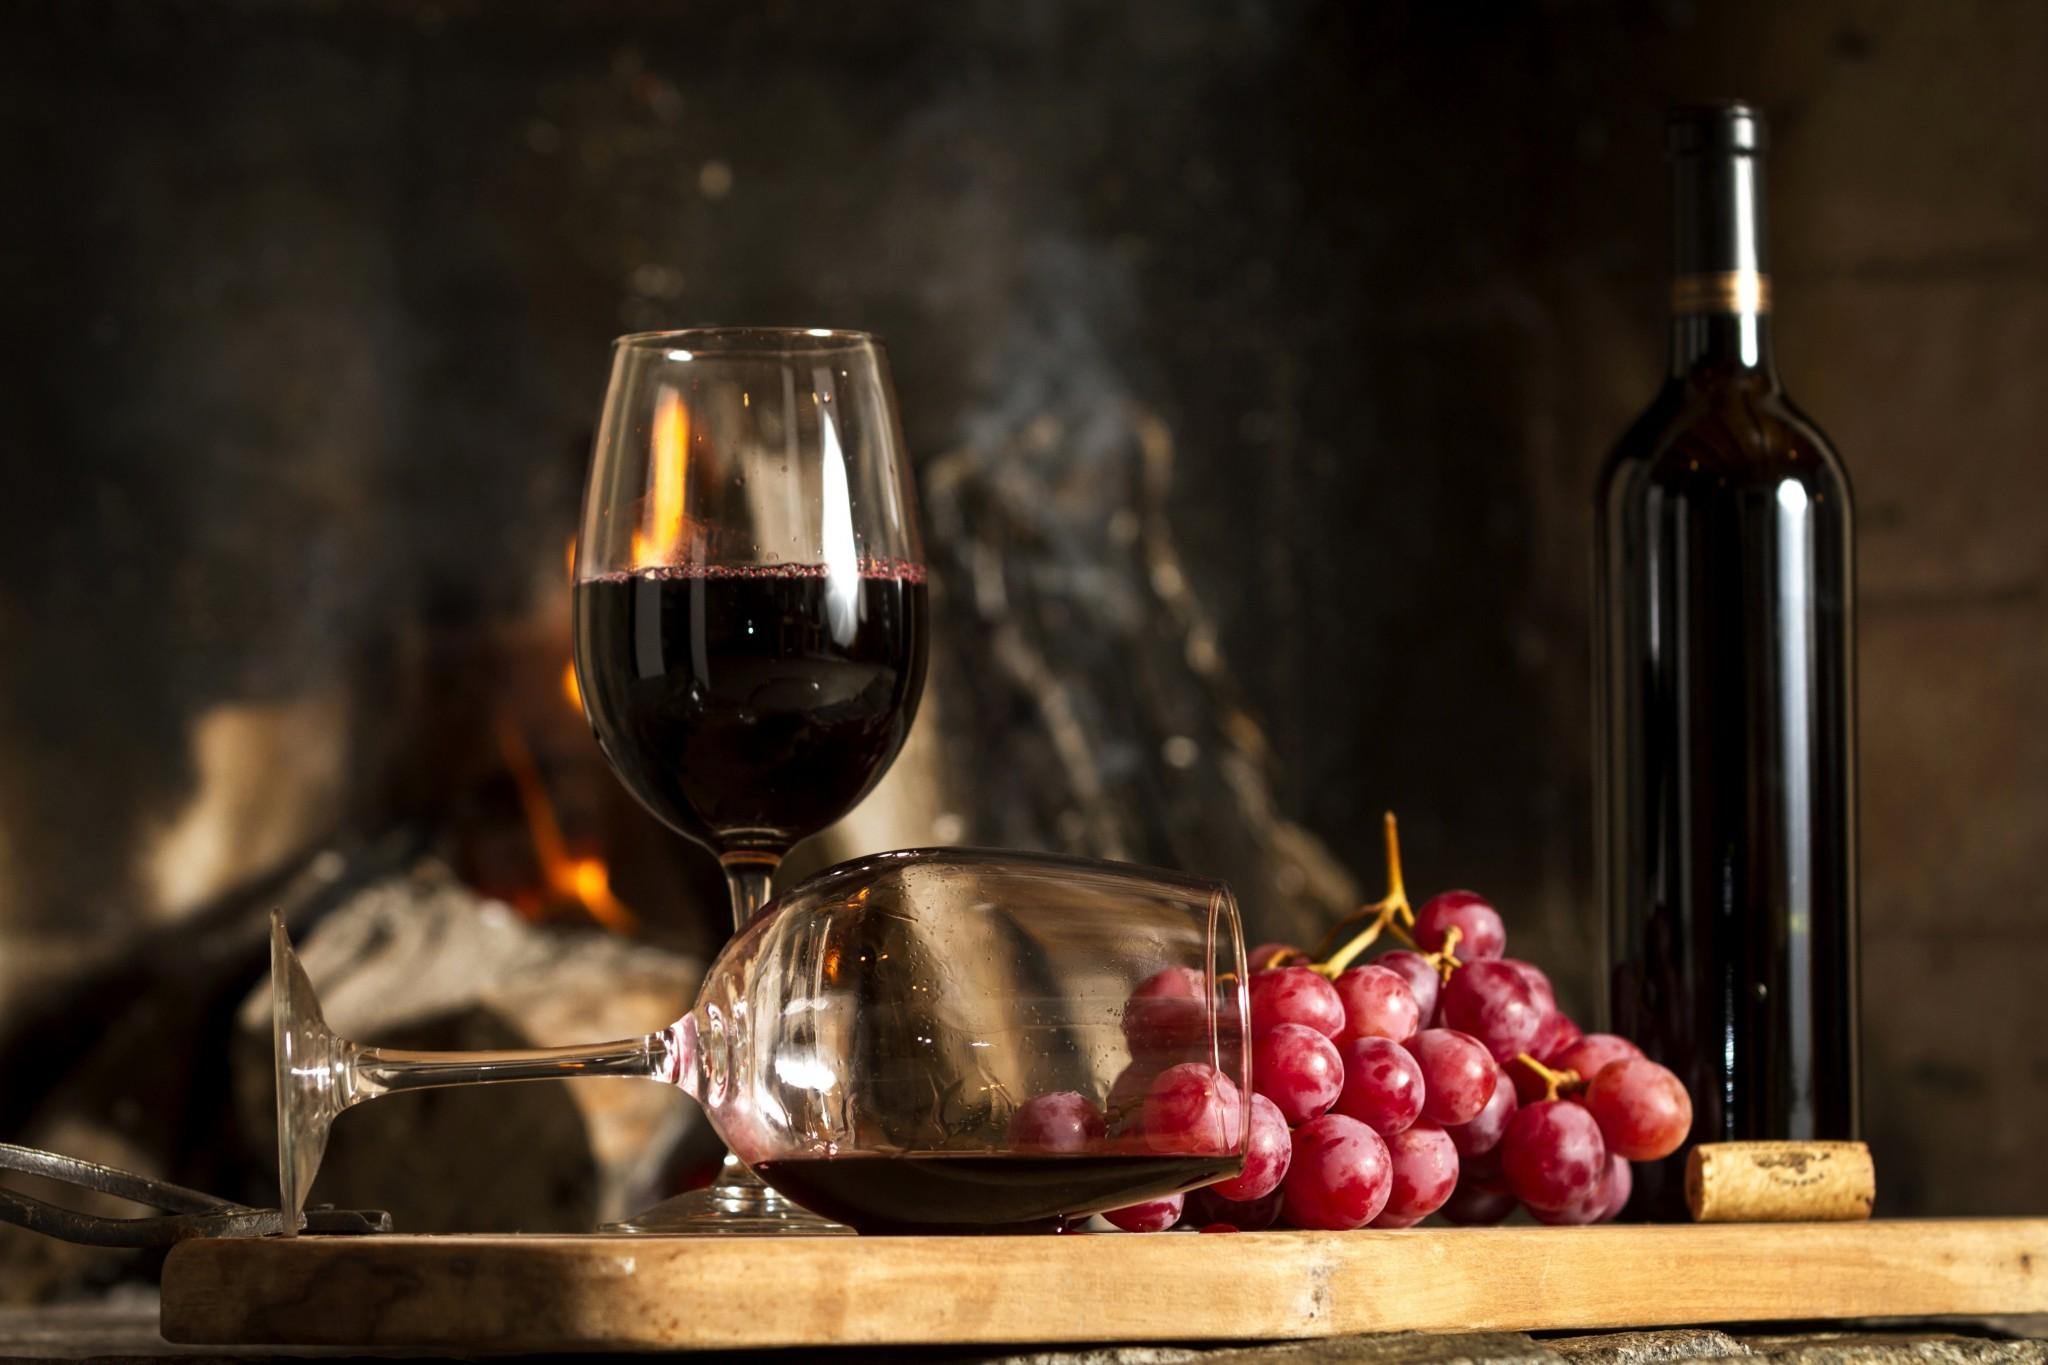 Экспорт итальянского вина достиг рекорда в €6 млрд благодаря Российской Федерации